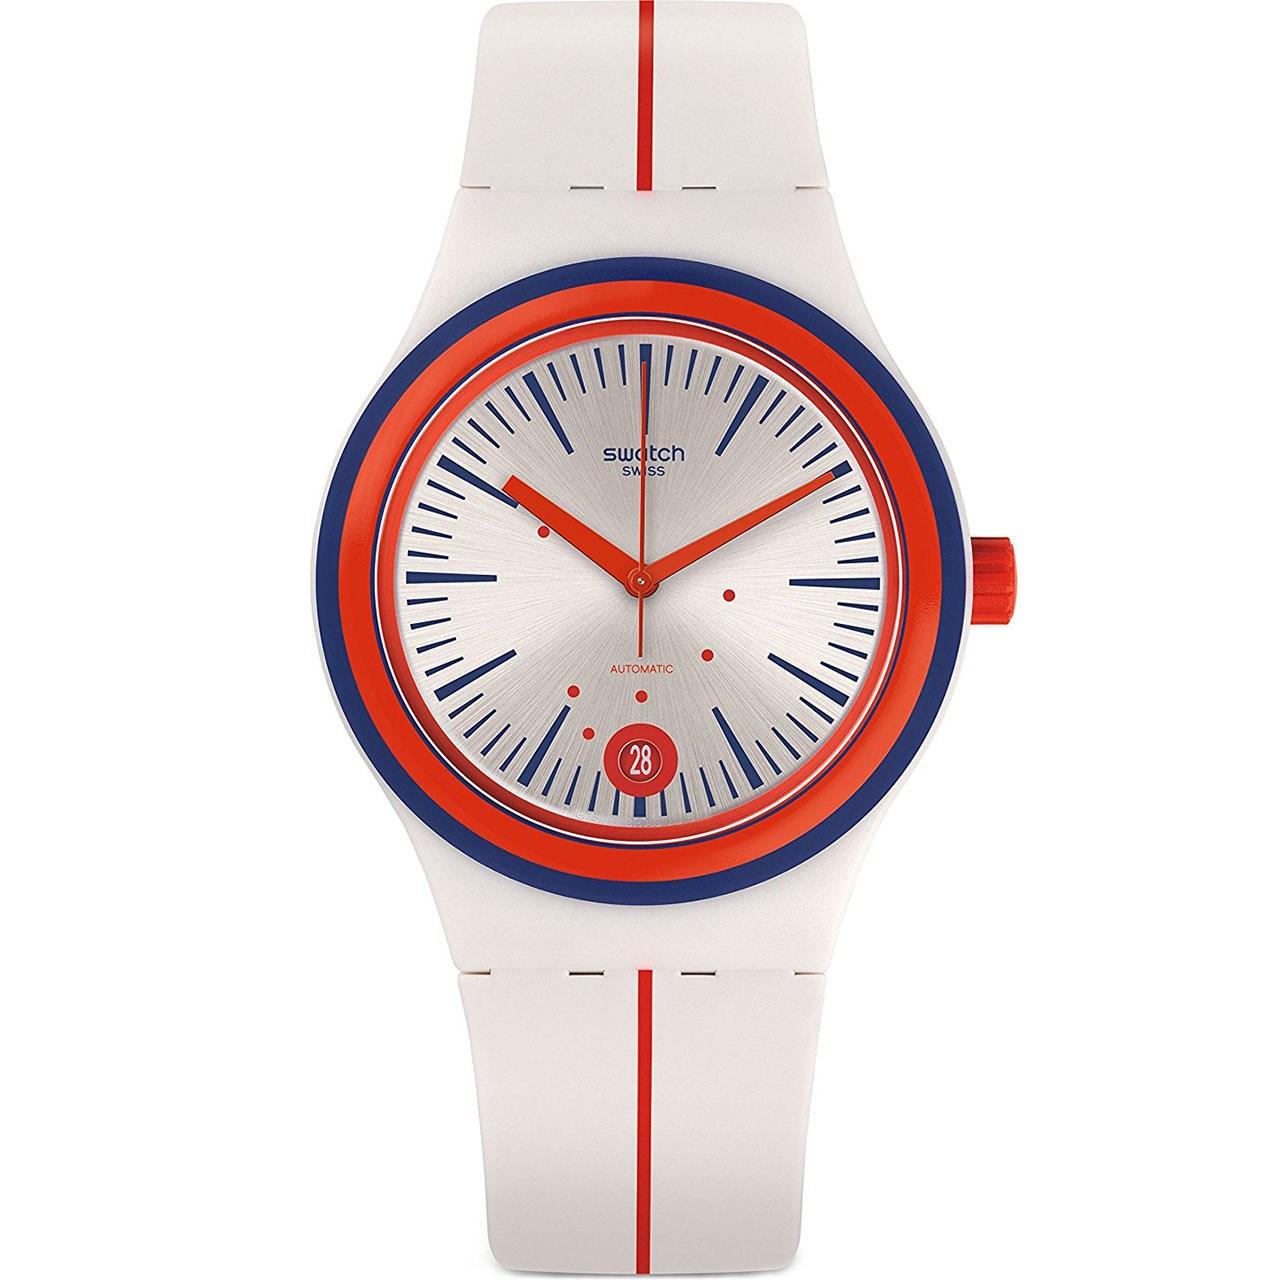 ساعت مچی عقربه ای مردانه سواچ مدل SUTW402 28